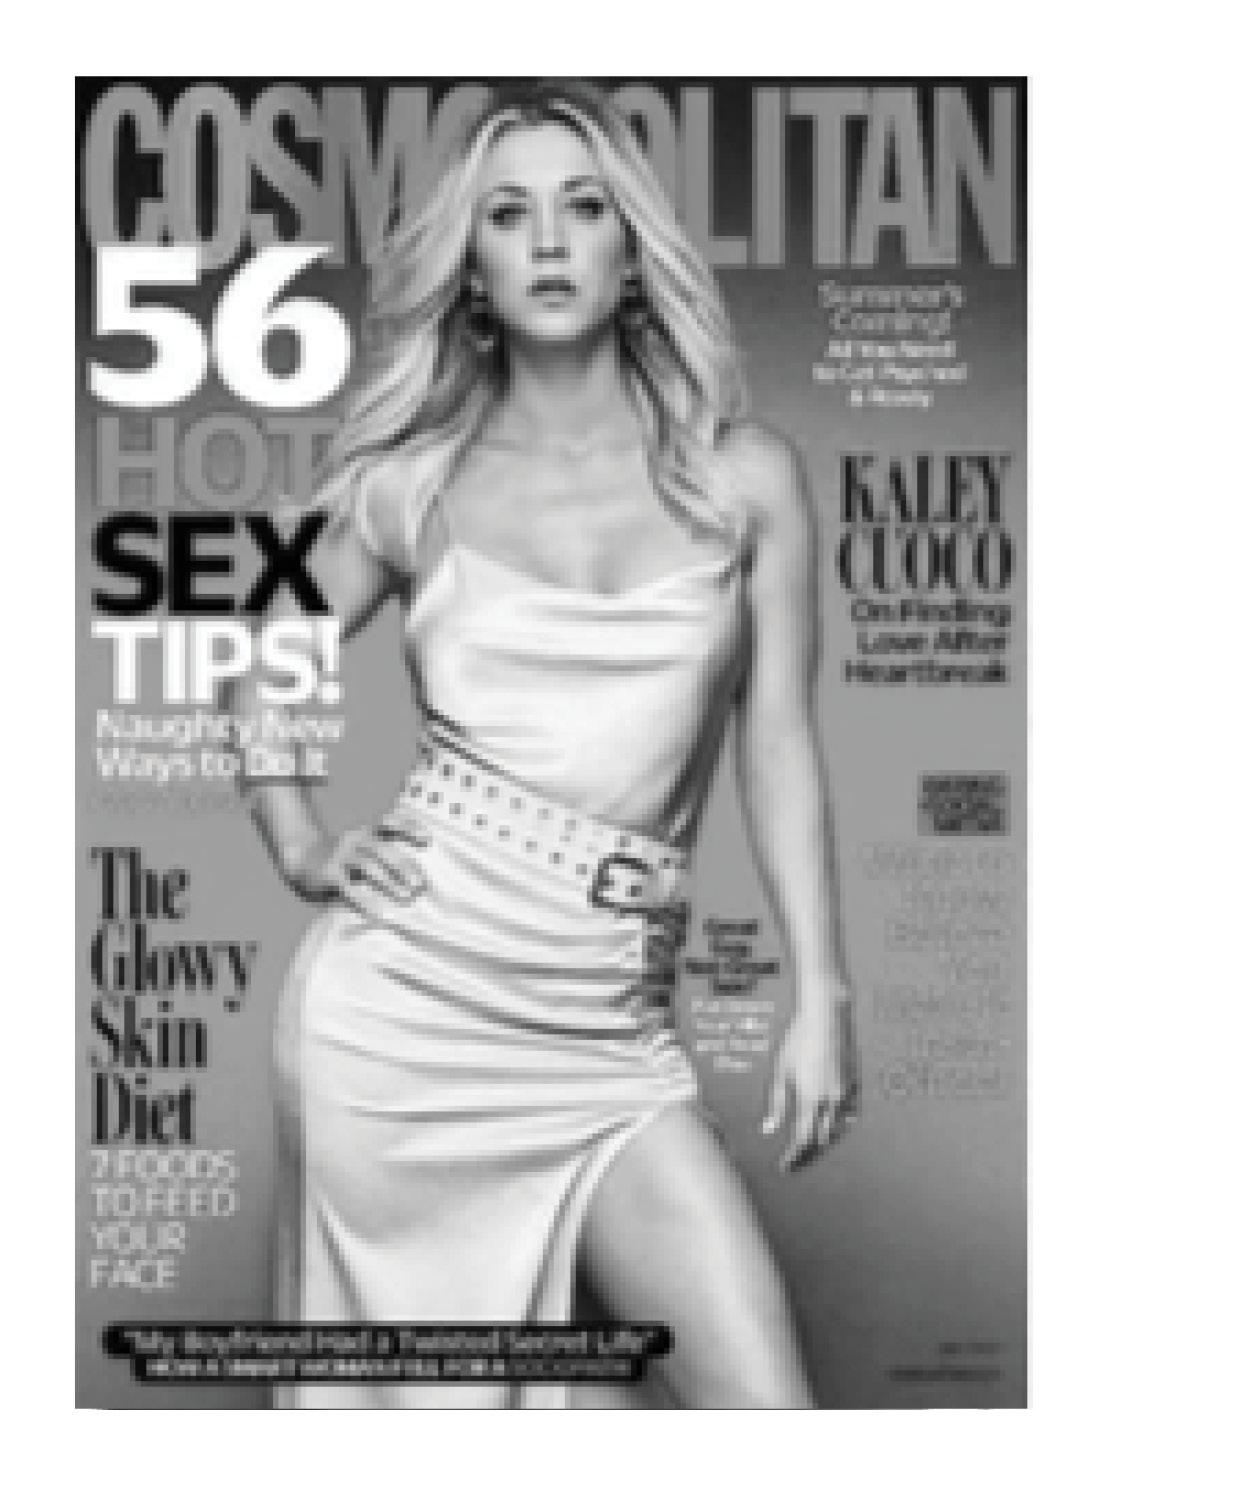 KK_Press_Magazine_cover6.jpg